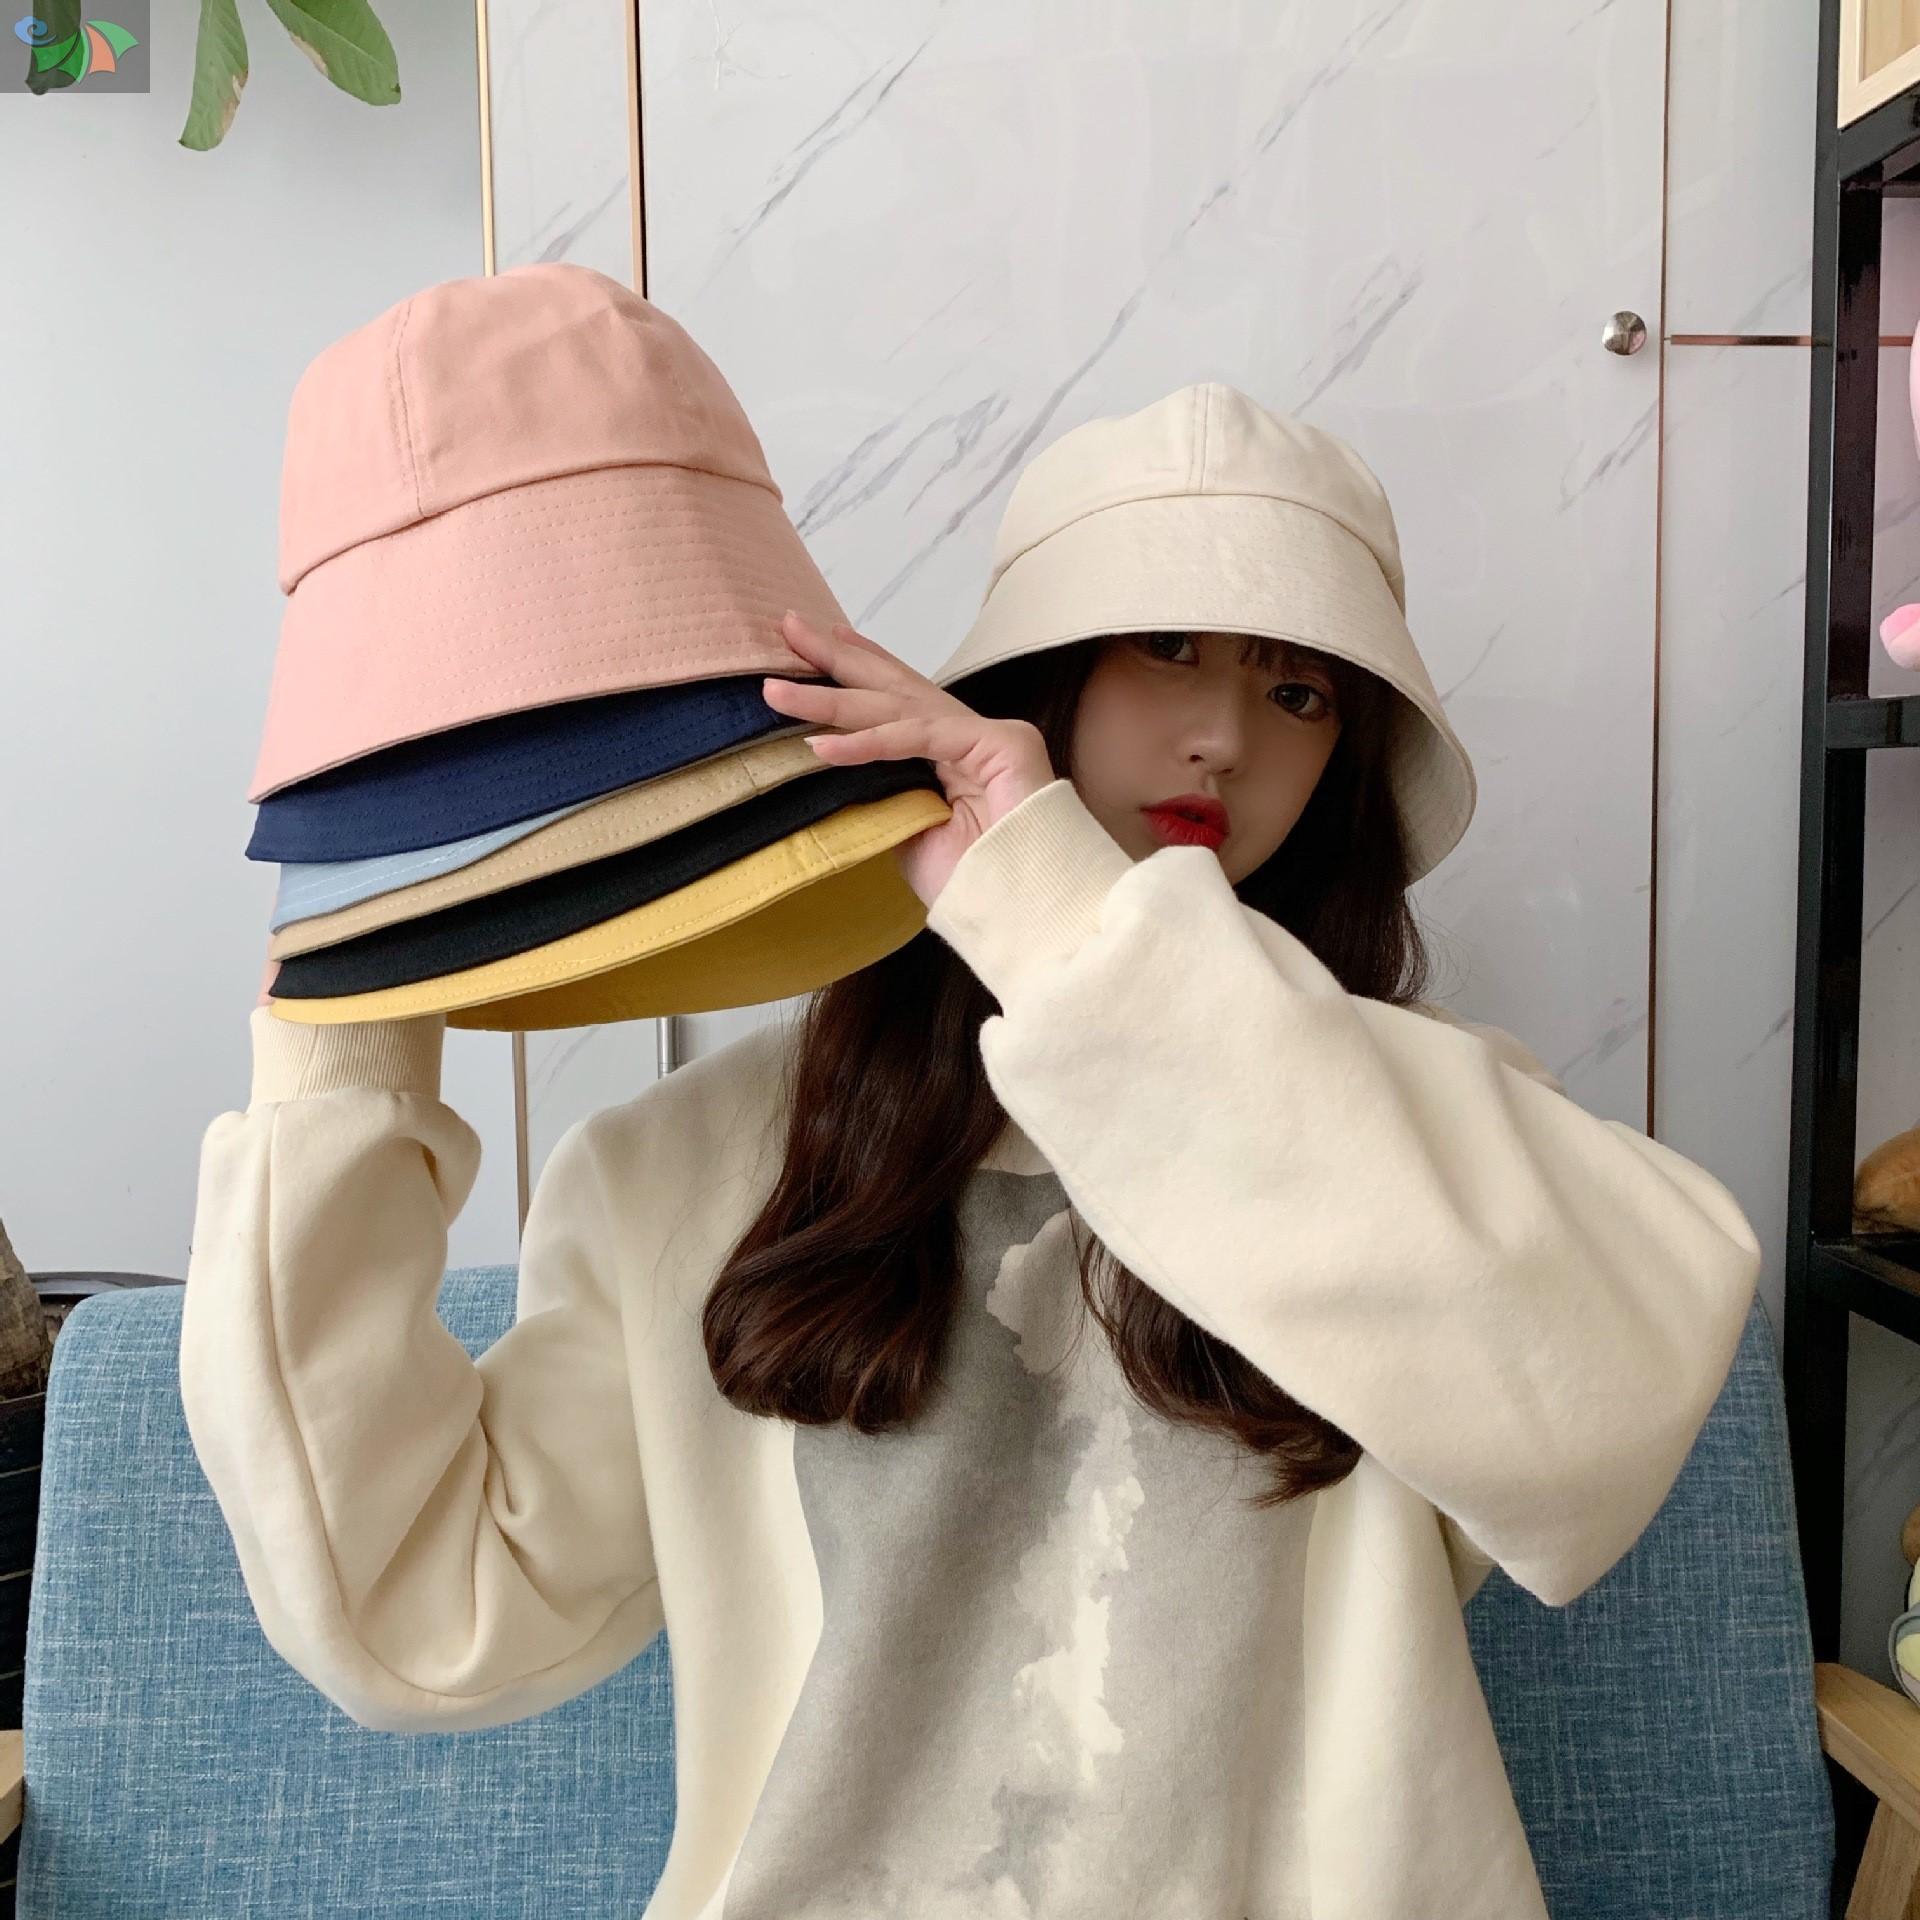 中國代購|中國批發-ibuy99|女士帽子|今年流行的帽子女士春季时尚年轻头大适合洋气漂亮水桶帽遮阳韩版